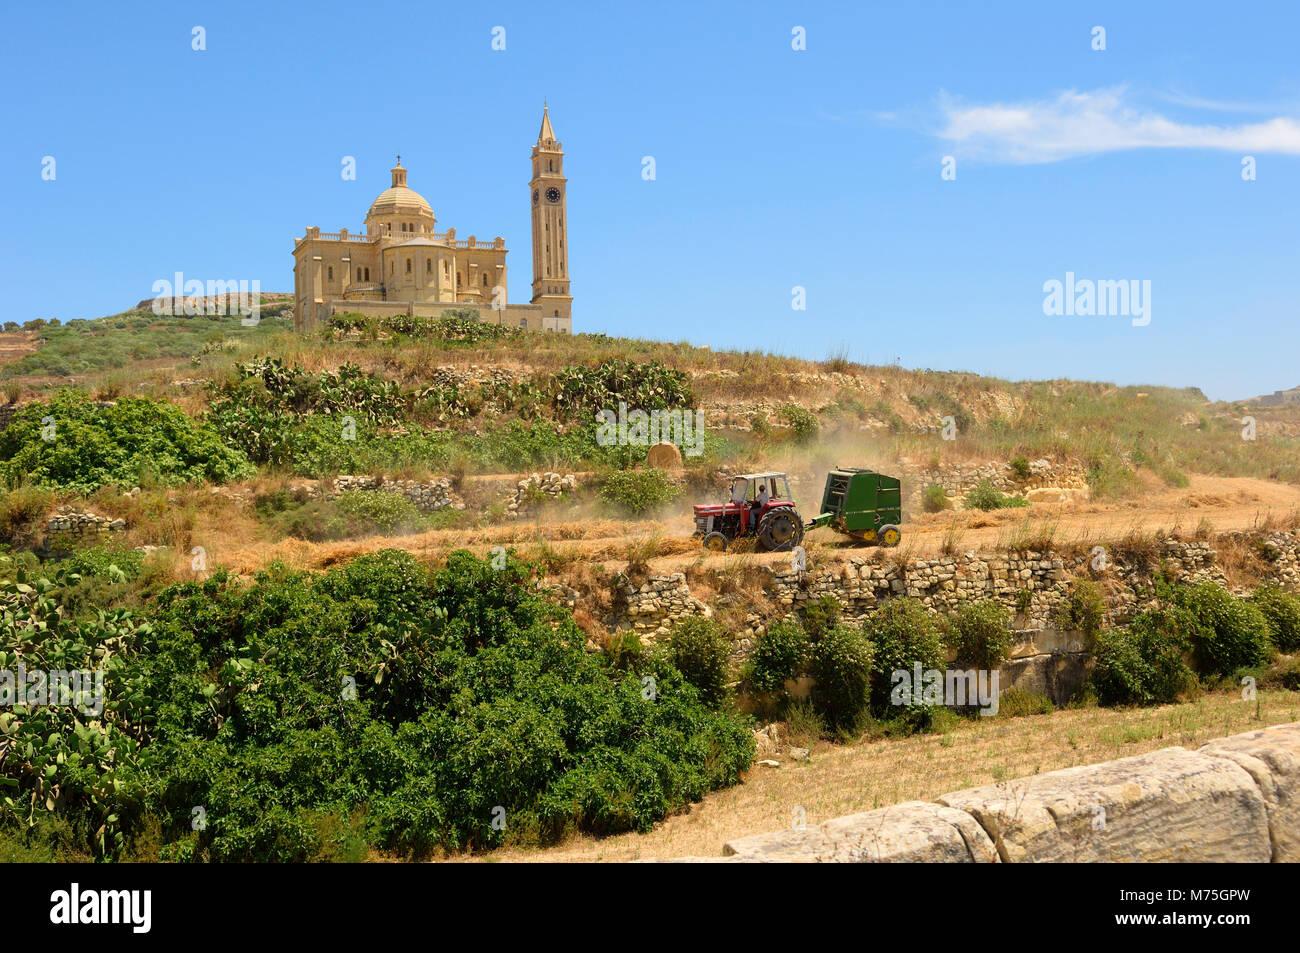 Ta' Pinu church near Gharb in Gozo, Malta, Europe - Stock Image